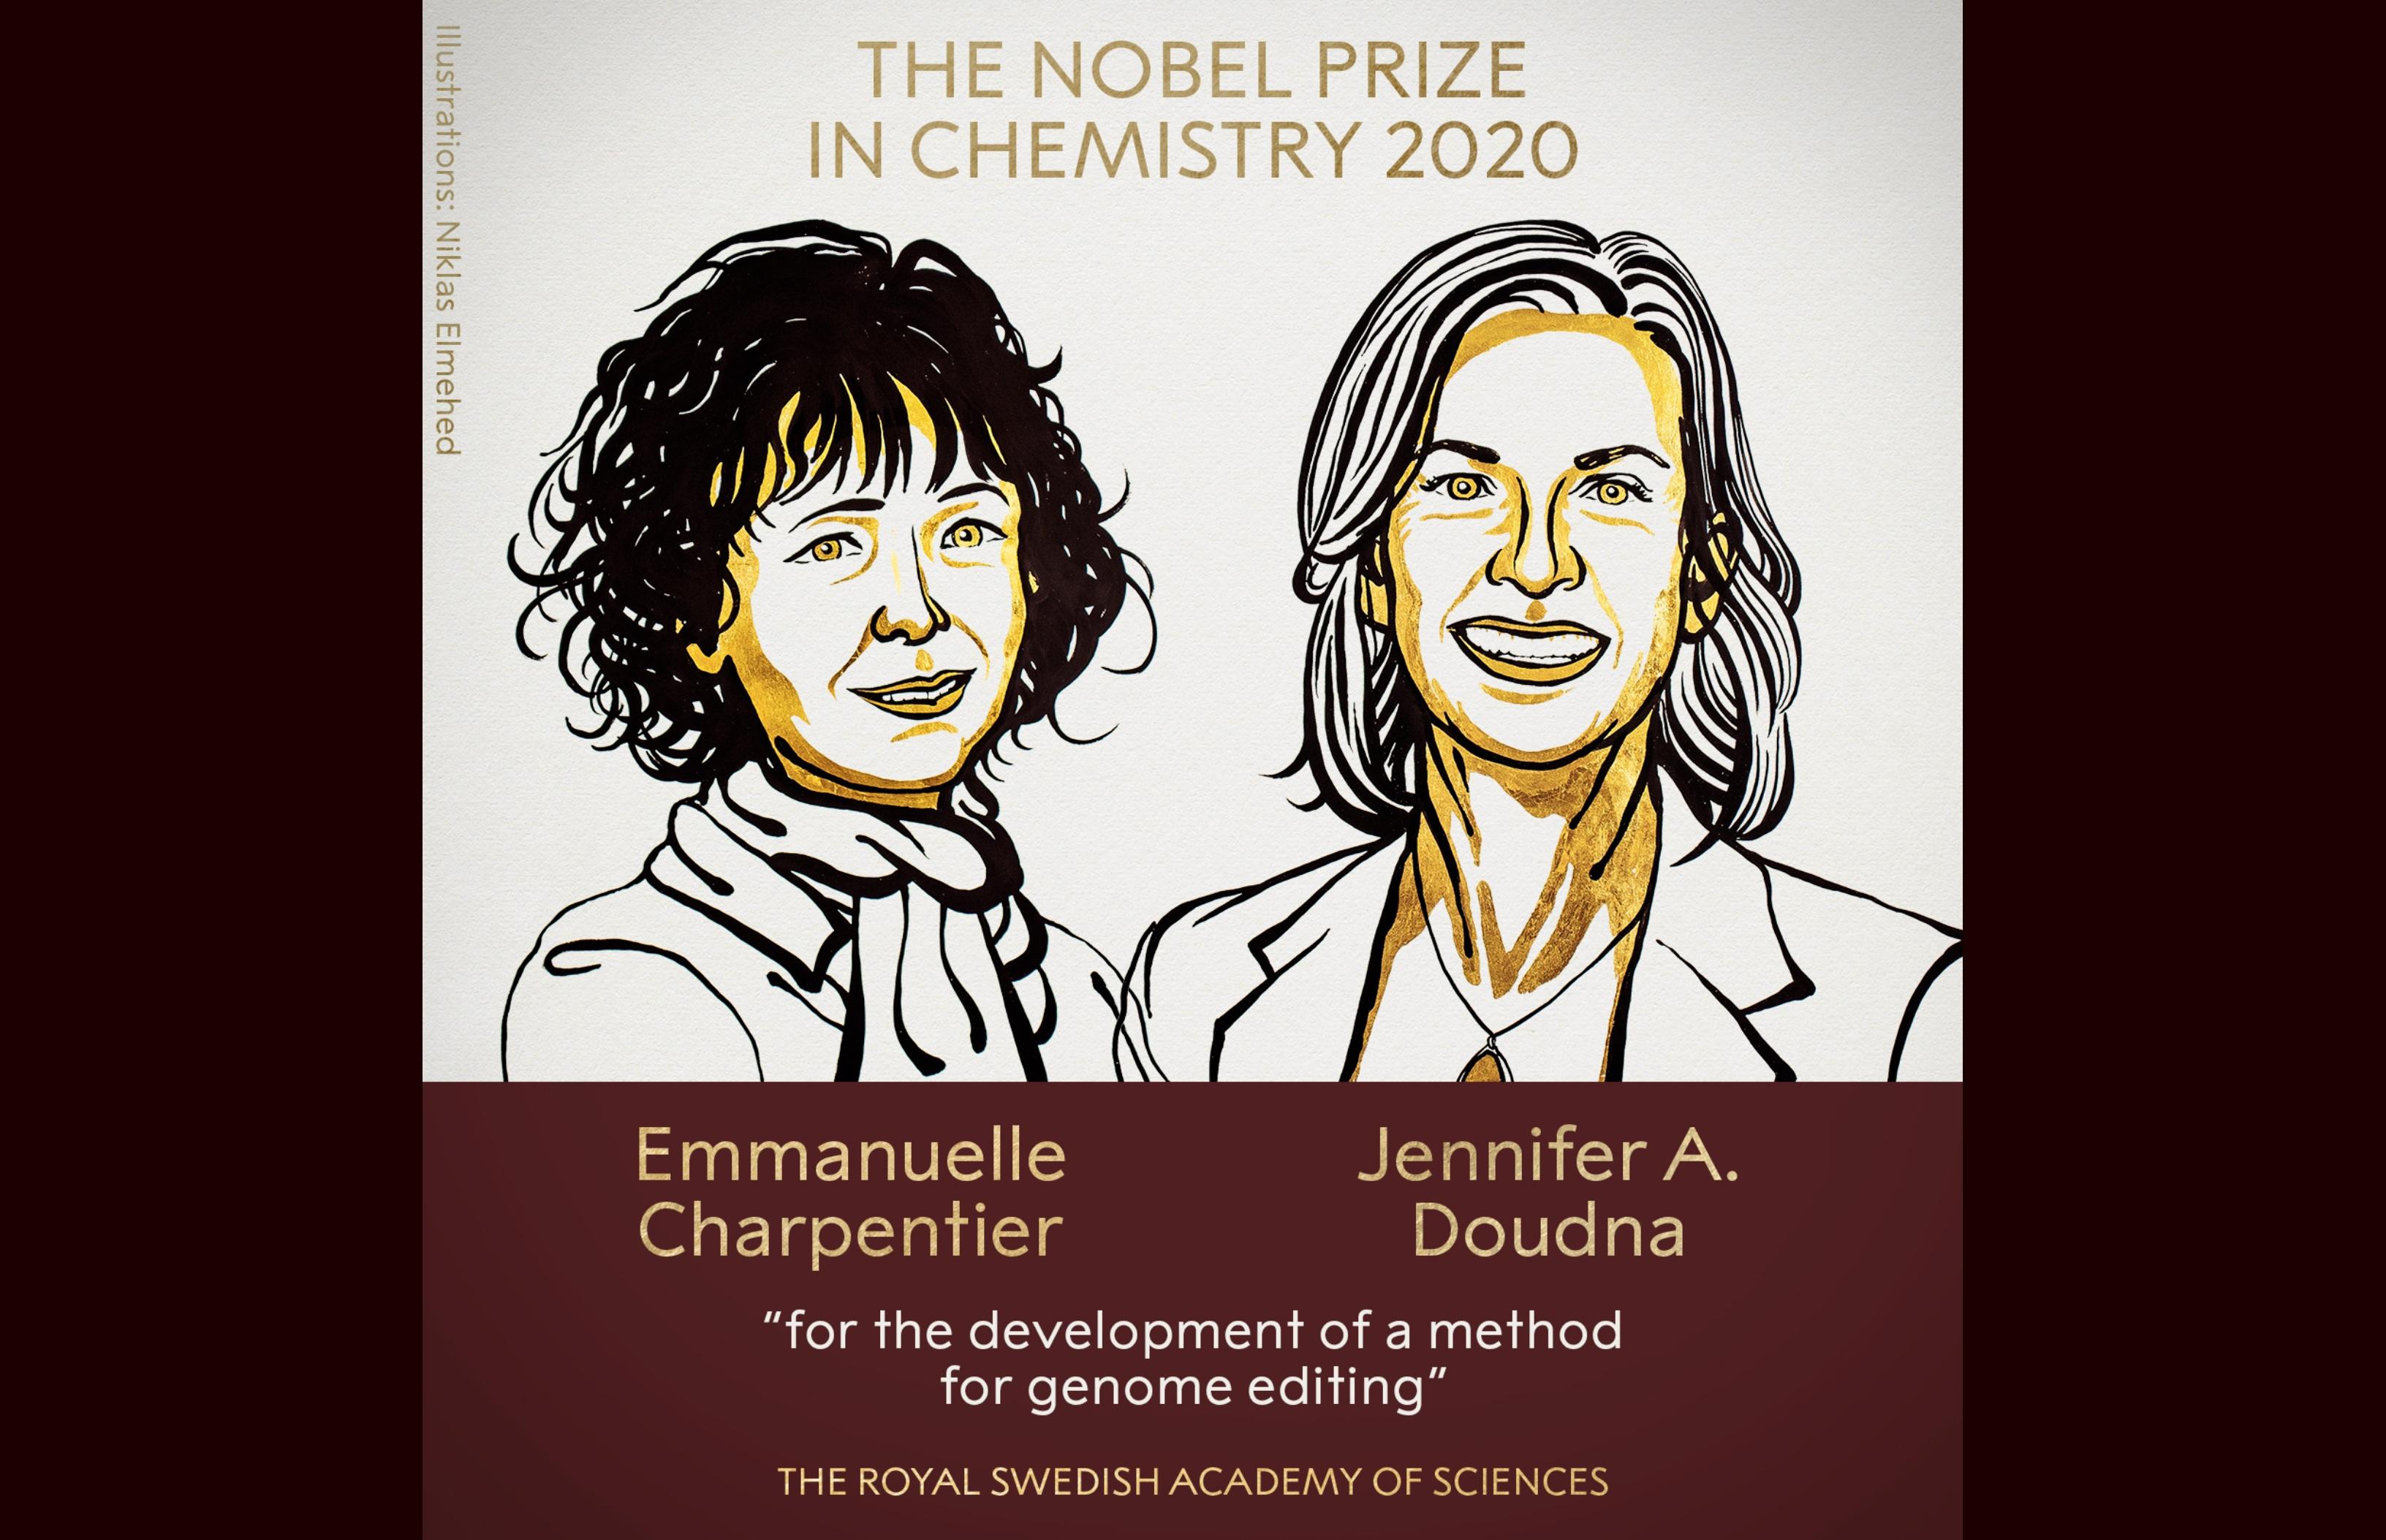 Dupla ganhadora do Nobel de Química 2020